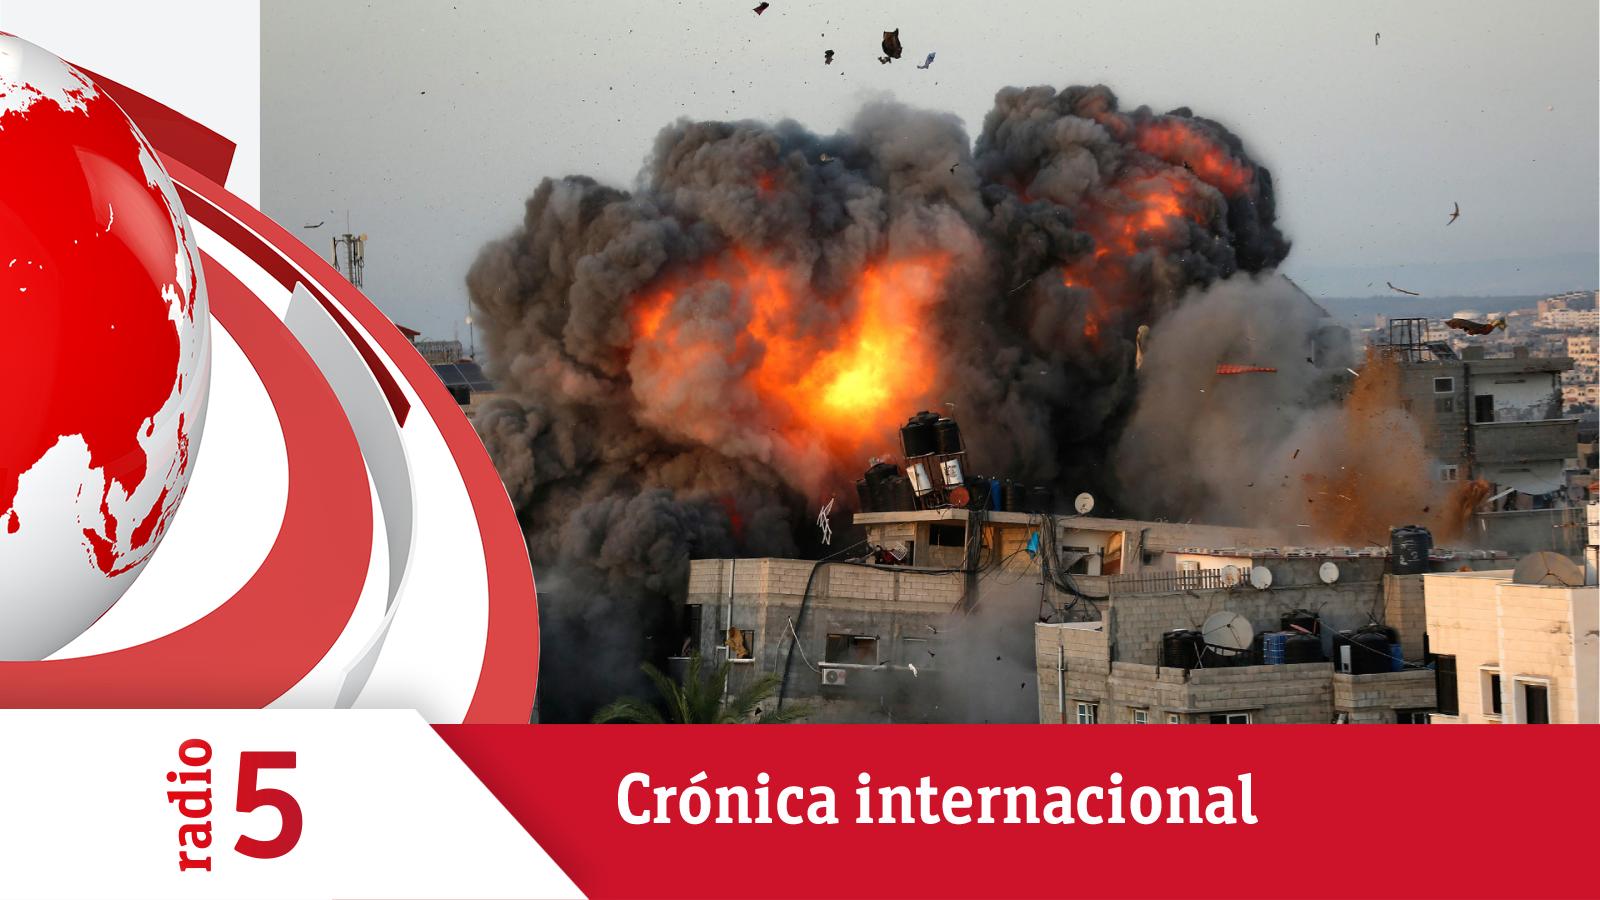 Crónica Internacional - Aumentan las víctimas civiles en Gaza en la escalada de la violencia - Escuchar ahora